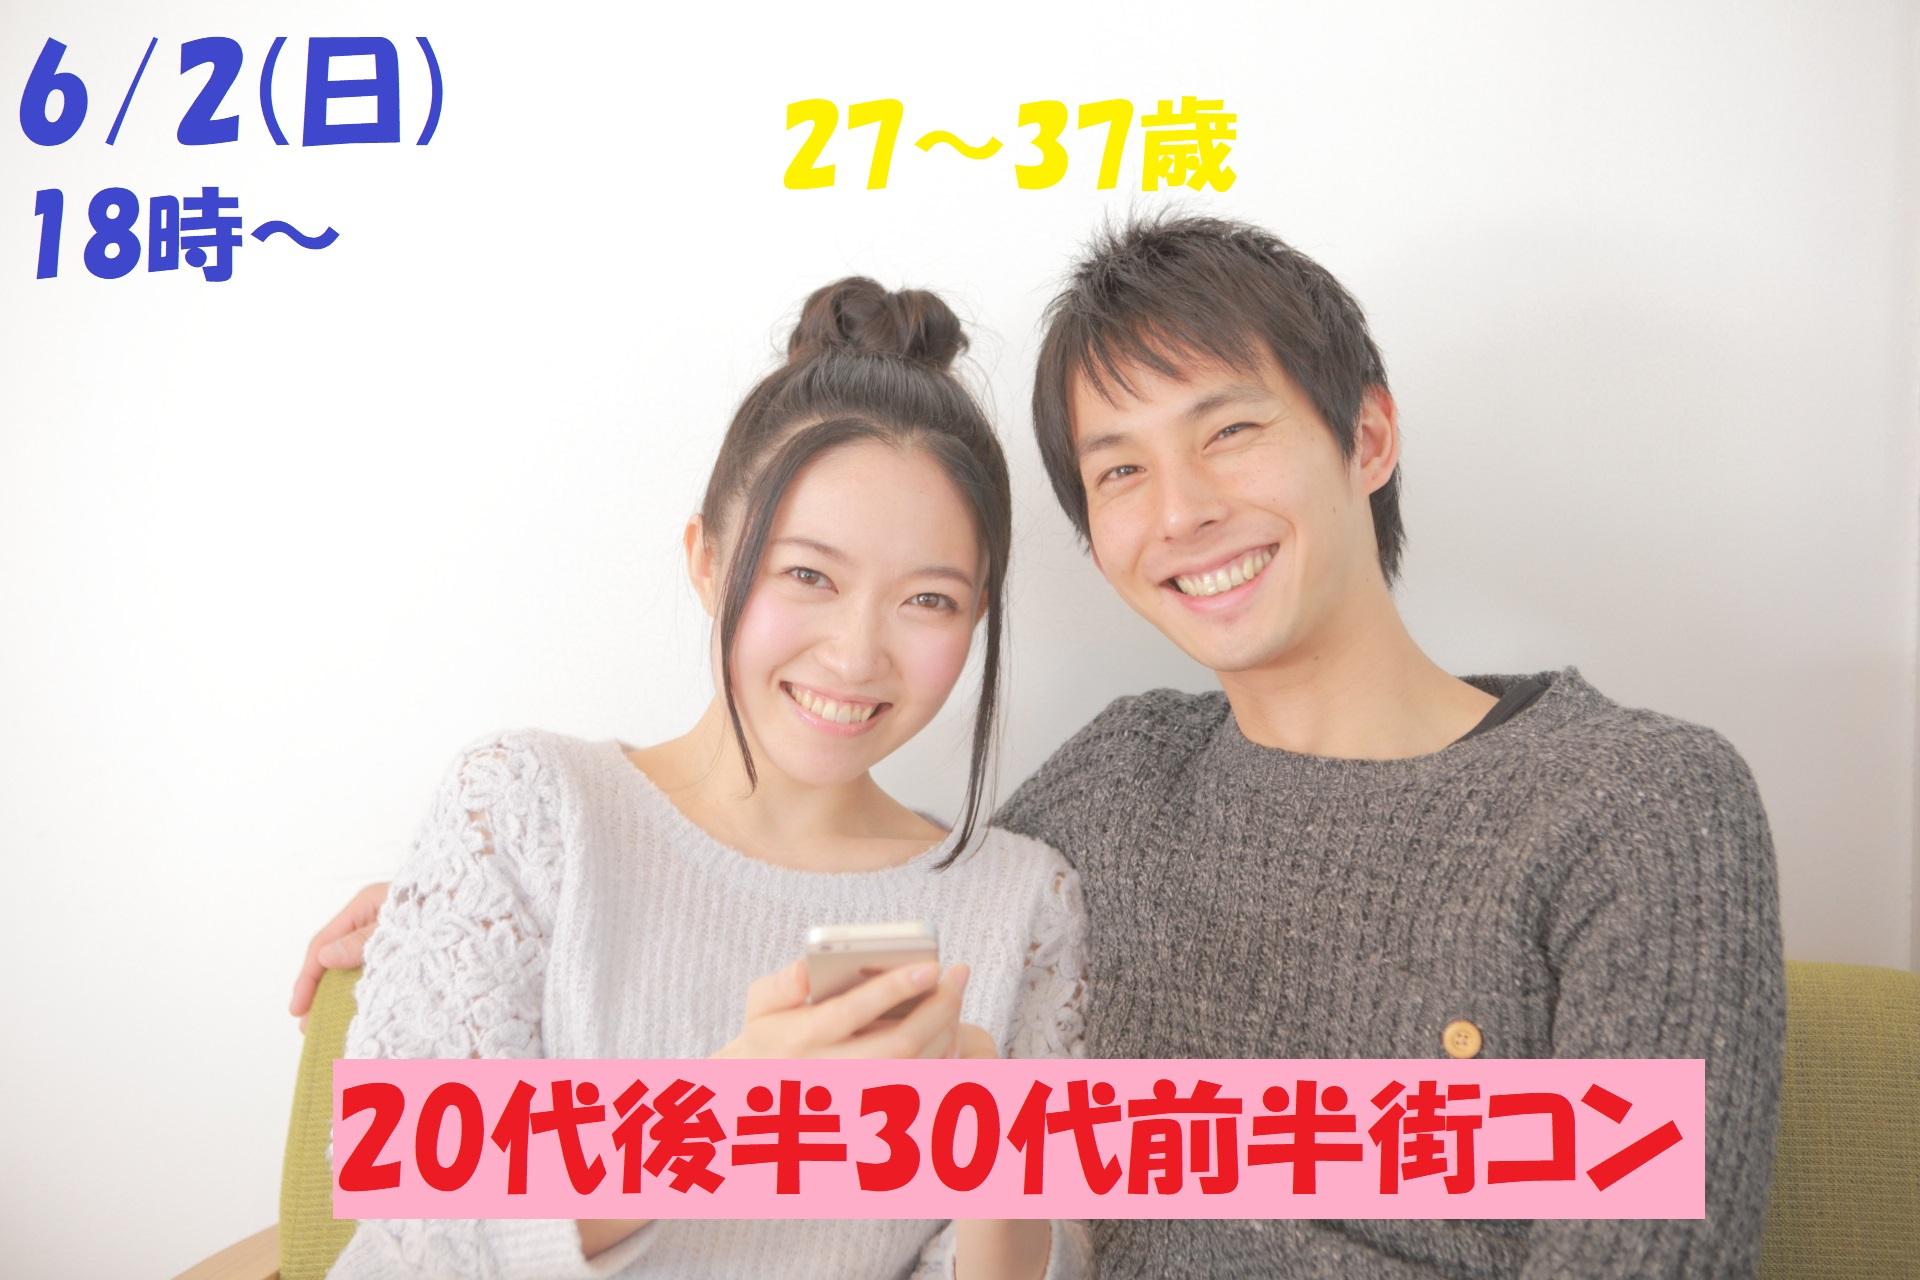 【終了】6月2日(日)18時~【27~37歳】友達から!!20代後半30代前半街コン!